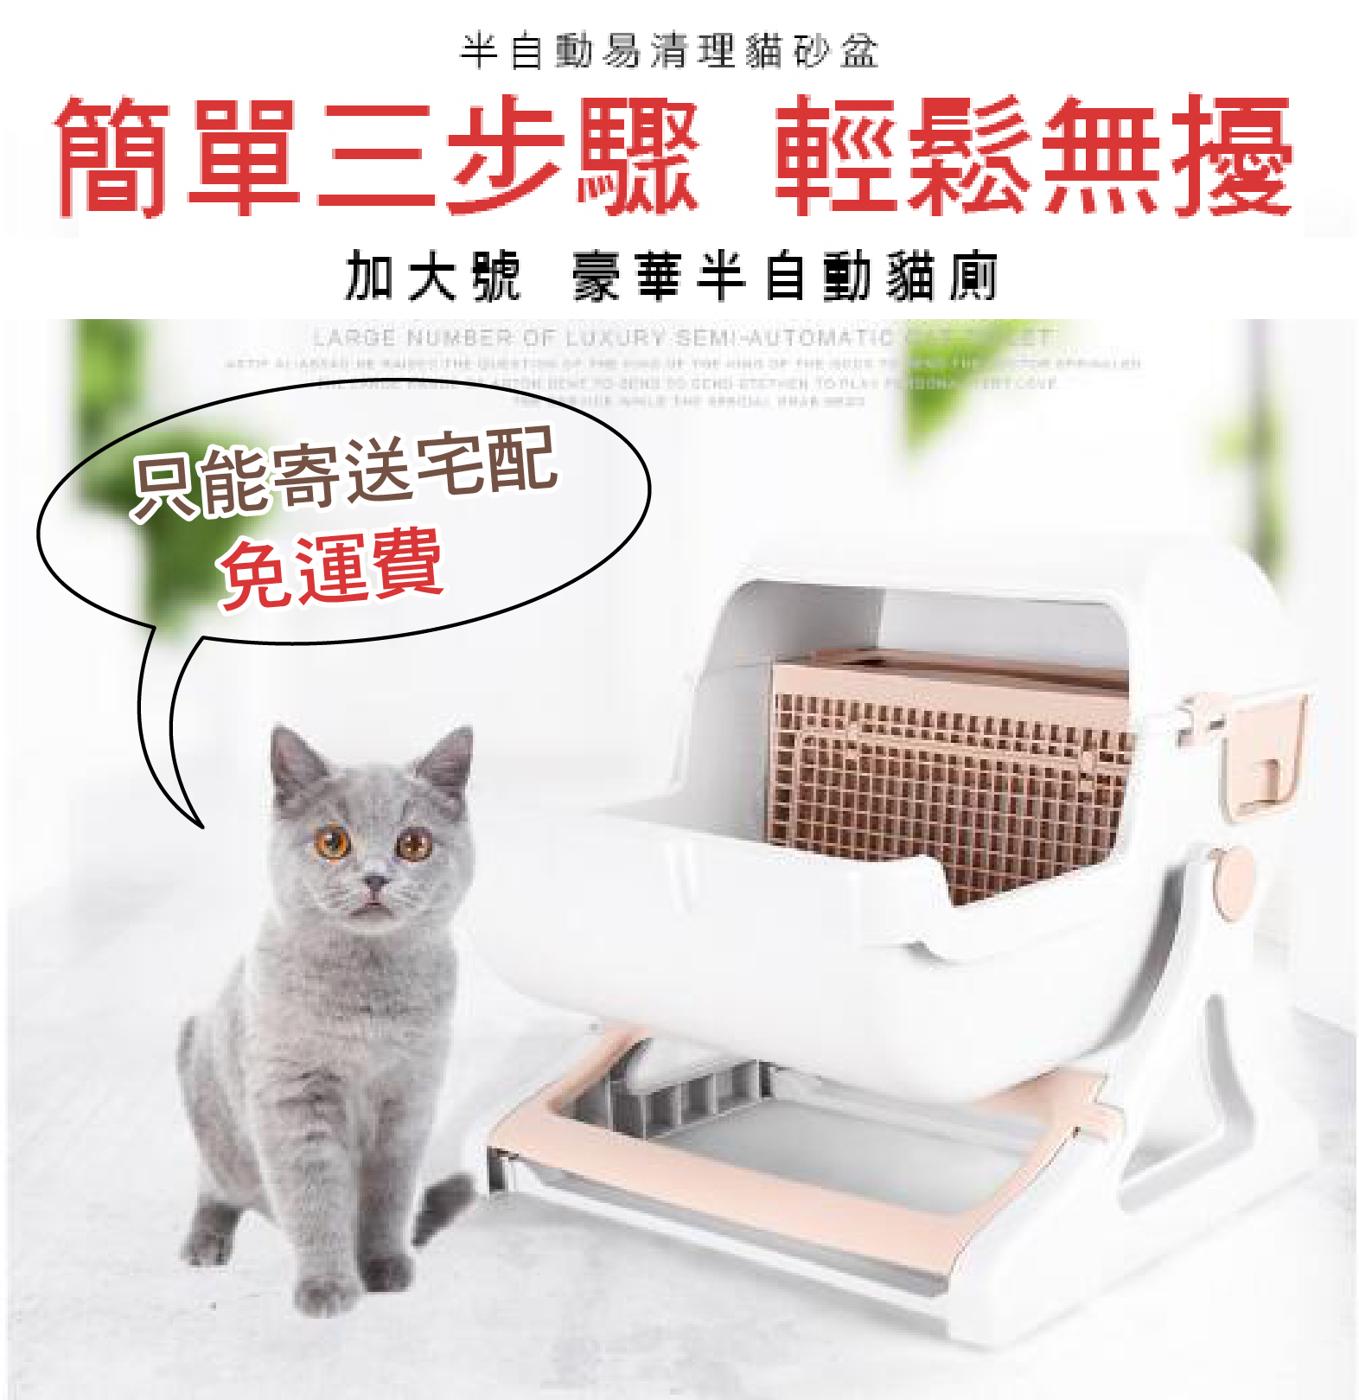 葉子小舖過濾型貓砂盆貓廁所貓便盆寵物用品貓奴半自動半封閉成貓木屑砂